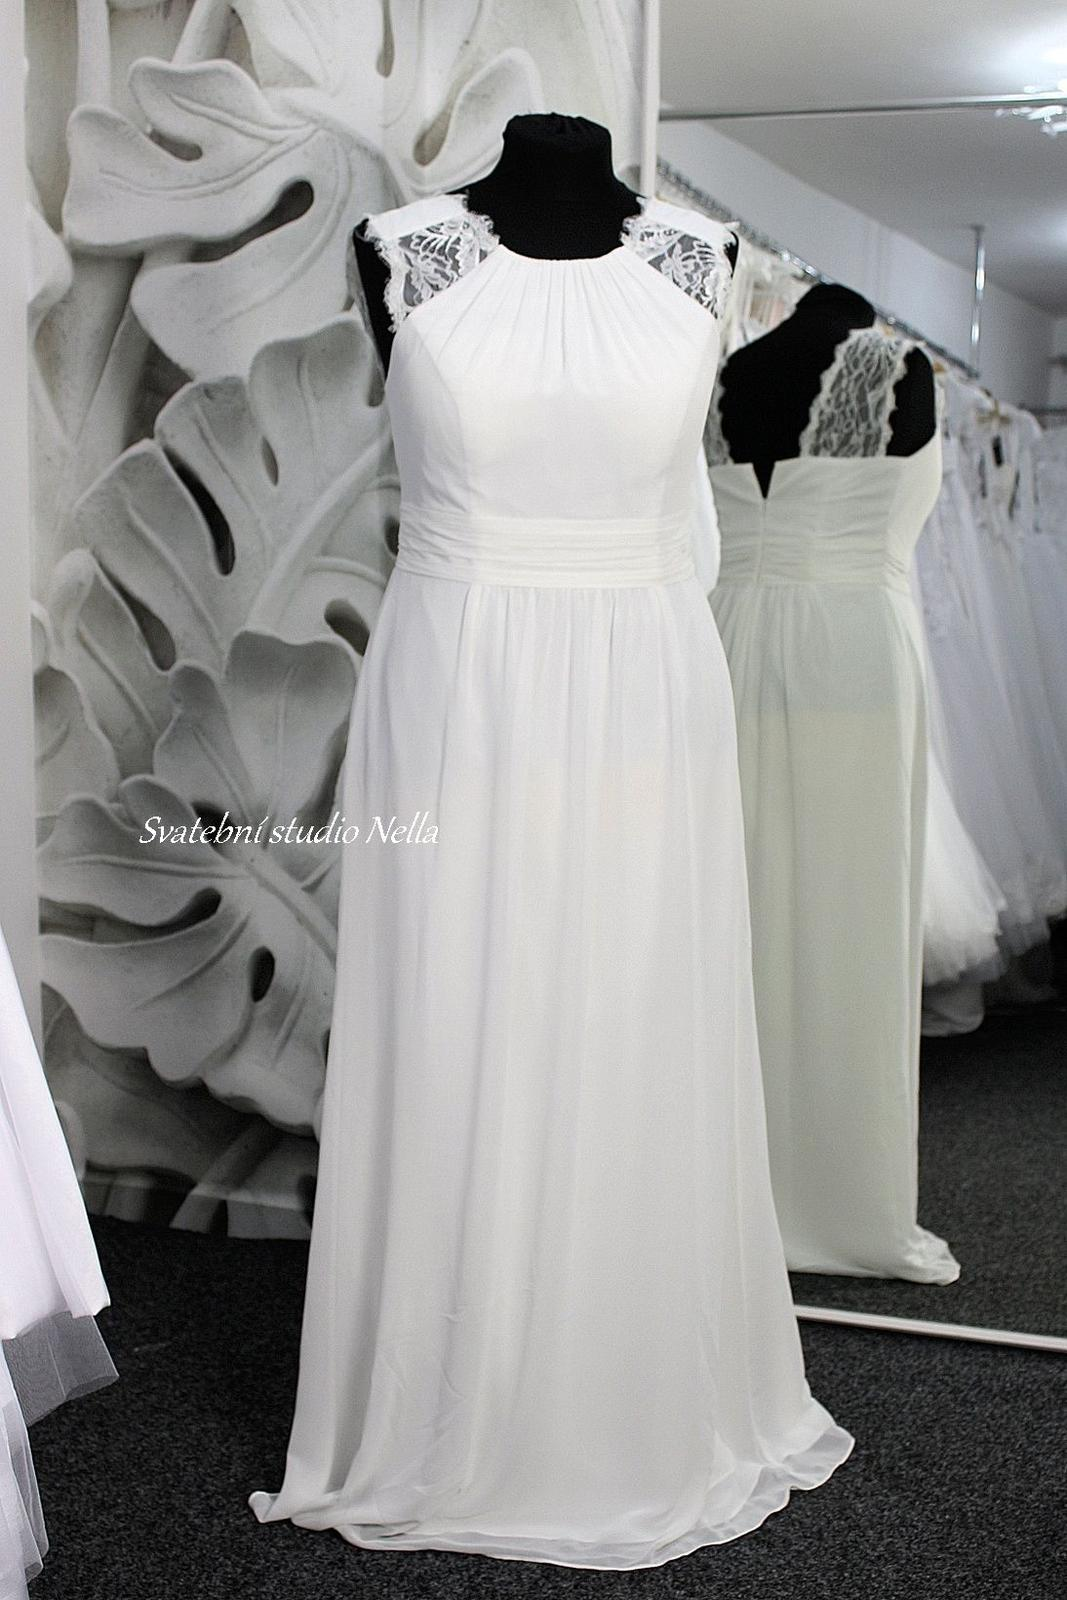 Svatební šaty styl BOHO - Svatební šaty boho  www.svatebninella.cz